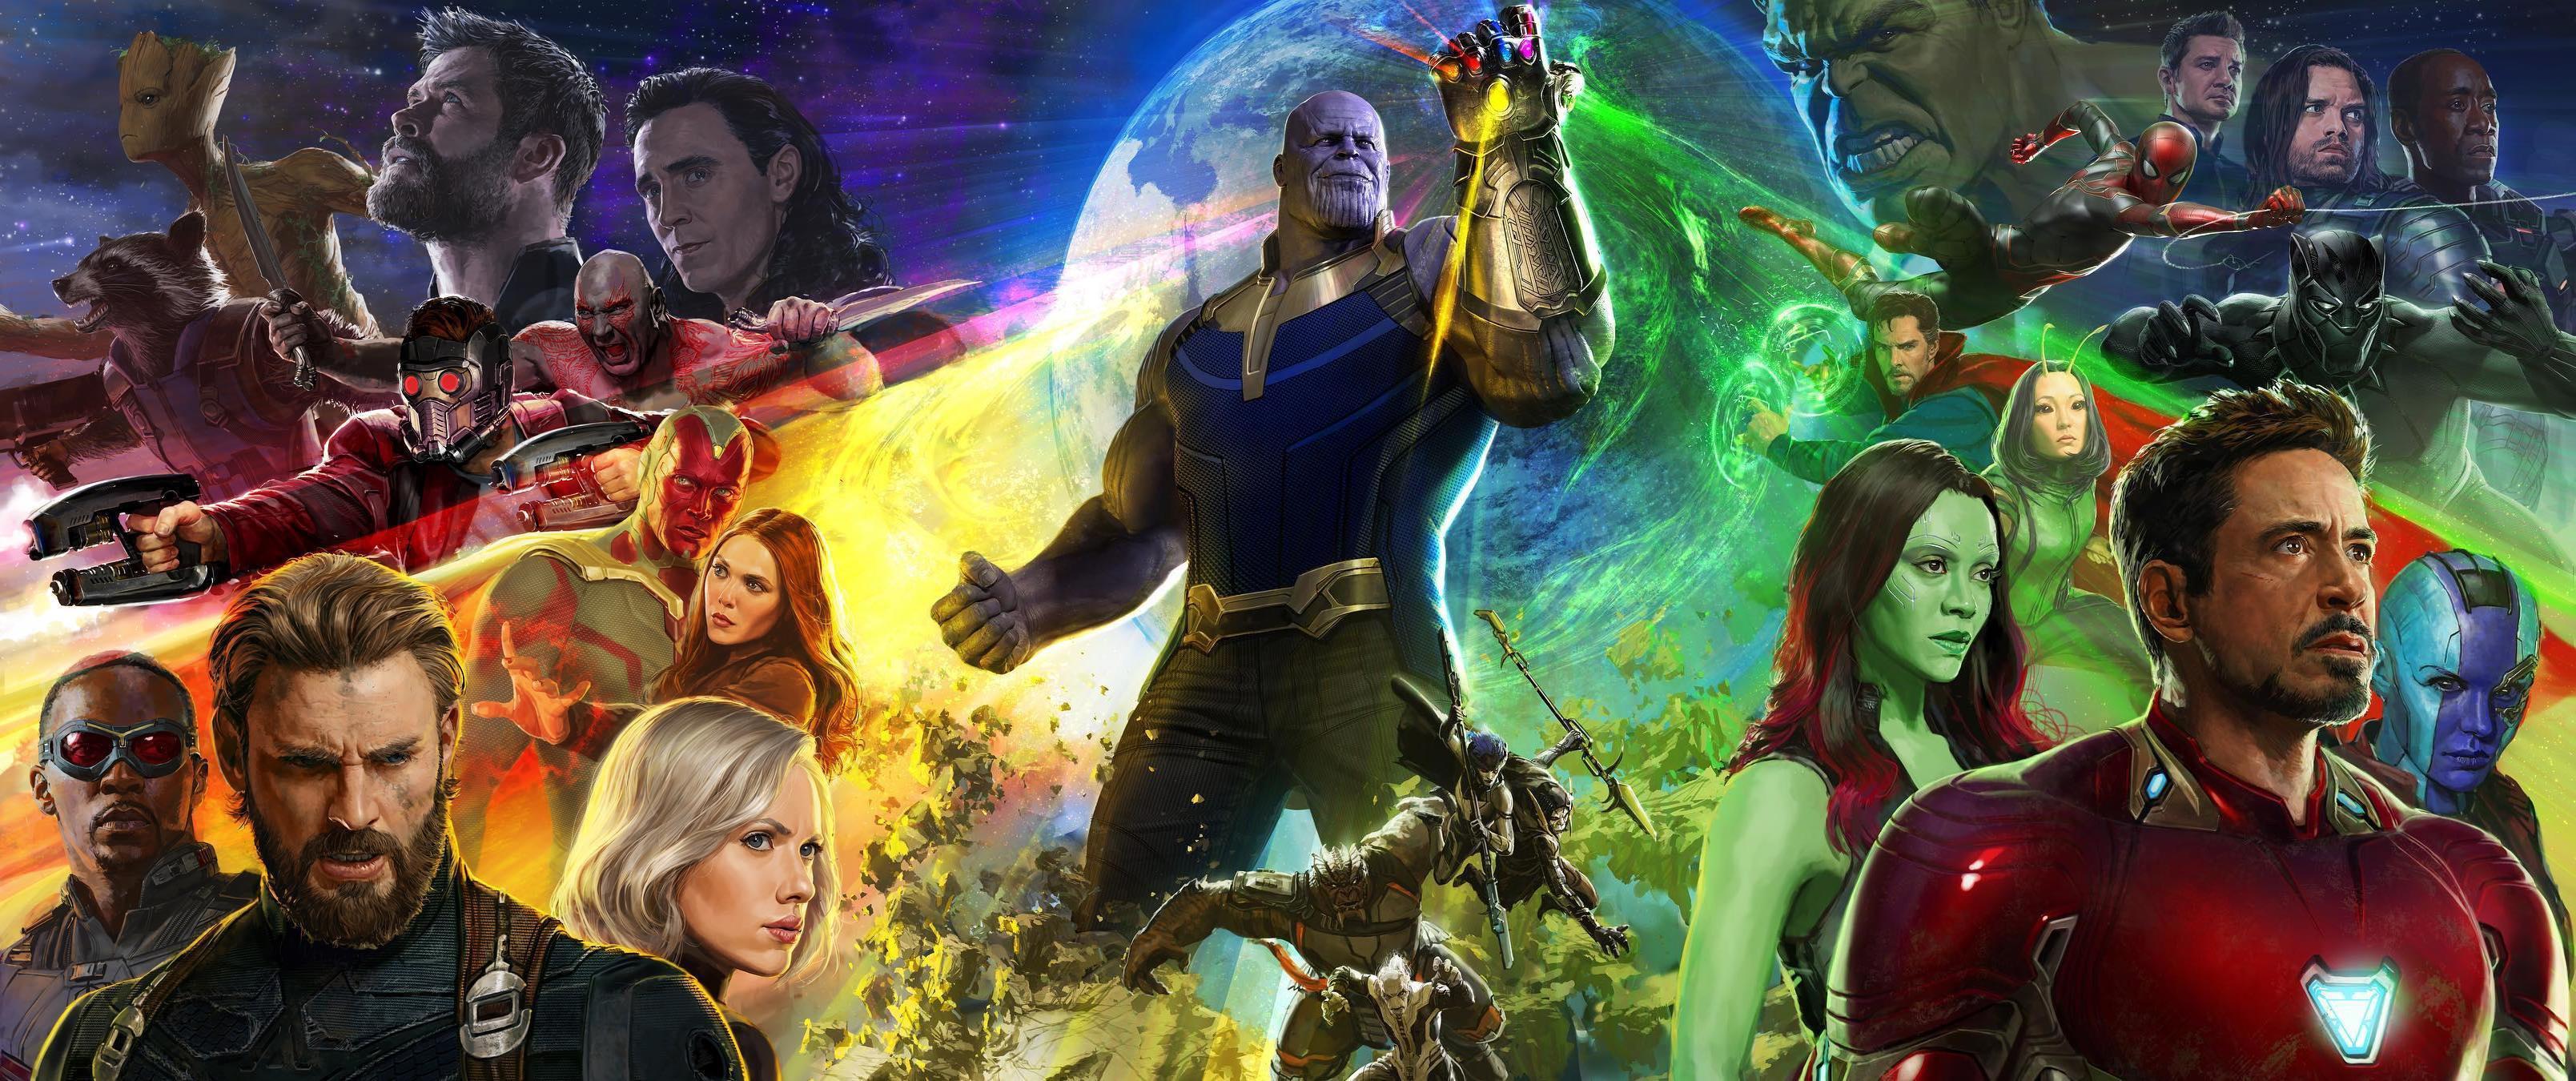 De trailer van Avengers: Infinity War staat boven aan de meest bekeken trailers van 2017